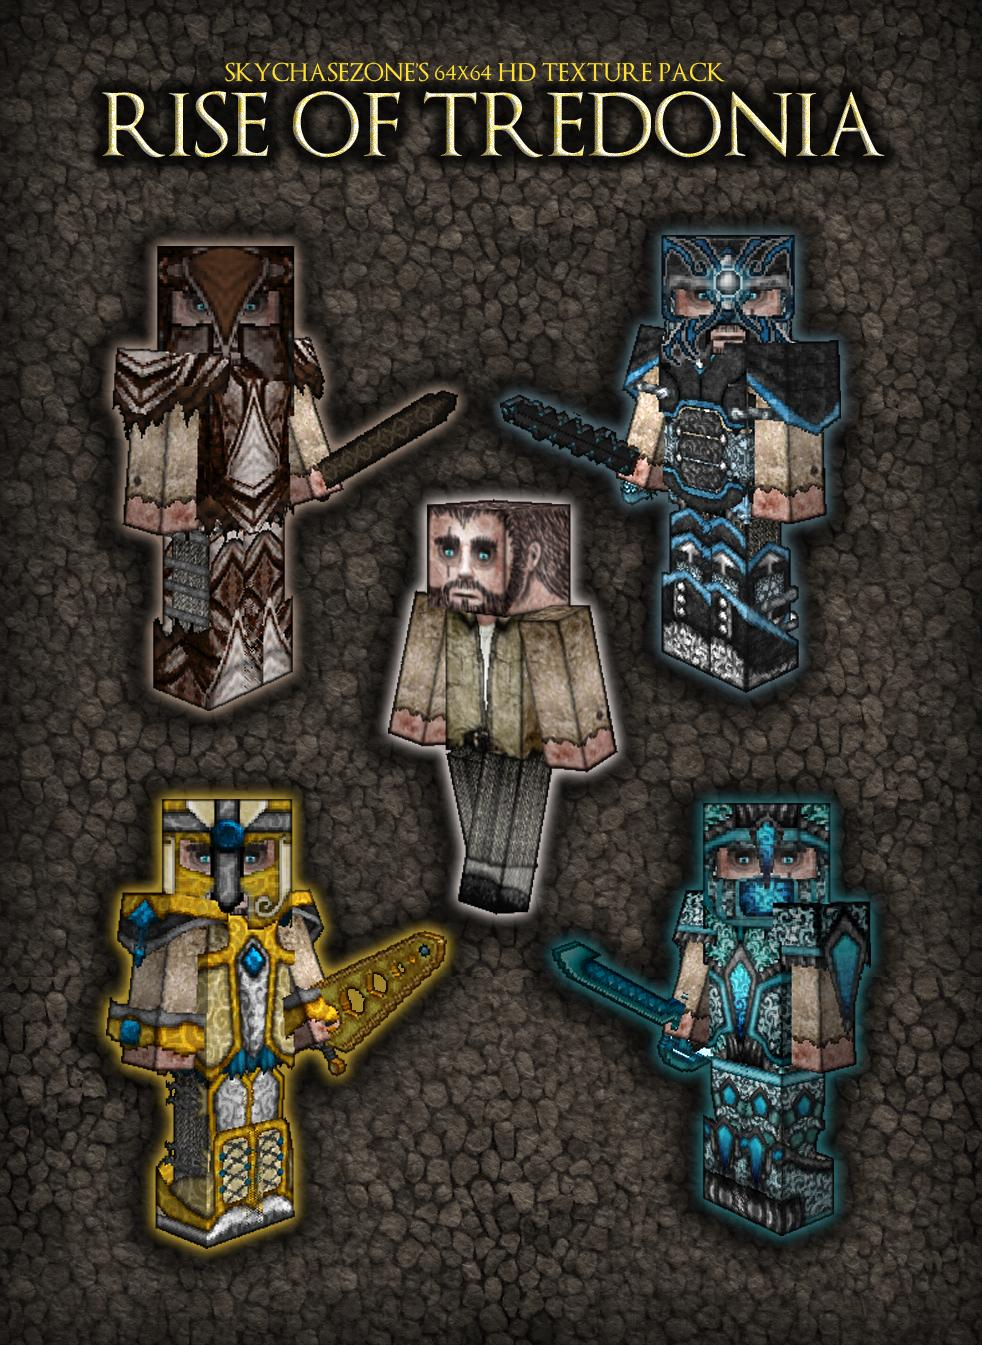 http://img.9minecraft.net/TexturePack/Rise-of-tredonia-texture-pack-7.jpg